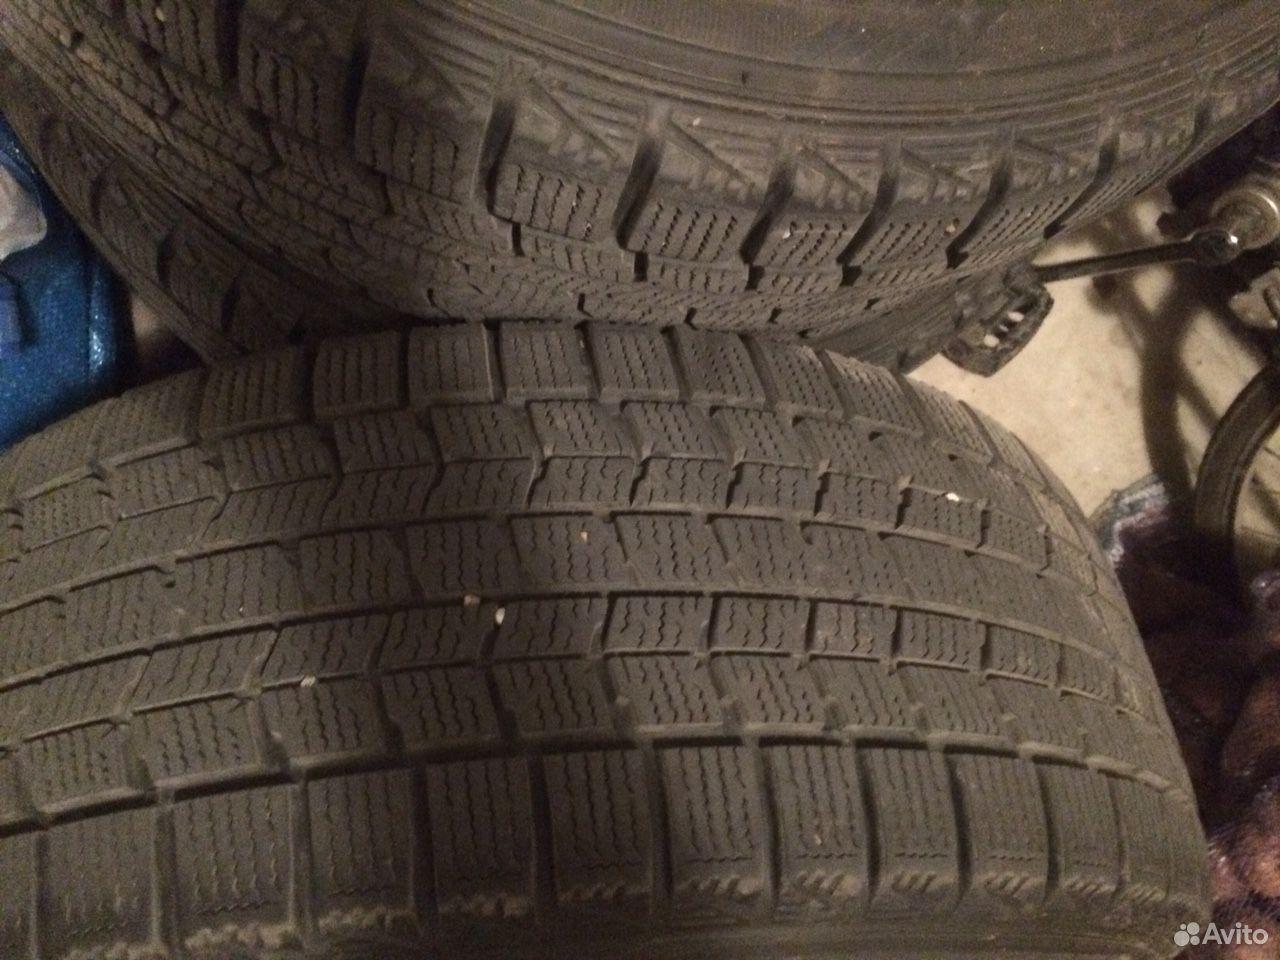 Зимние шины Dunlop Graspic DS3 225 50 r17  89066444959 купить 3